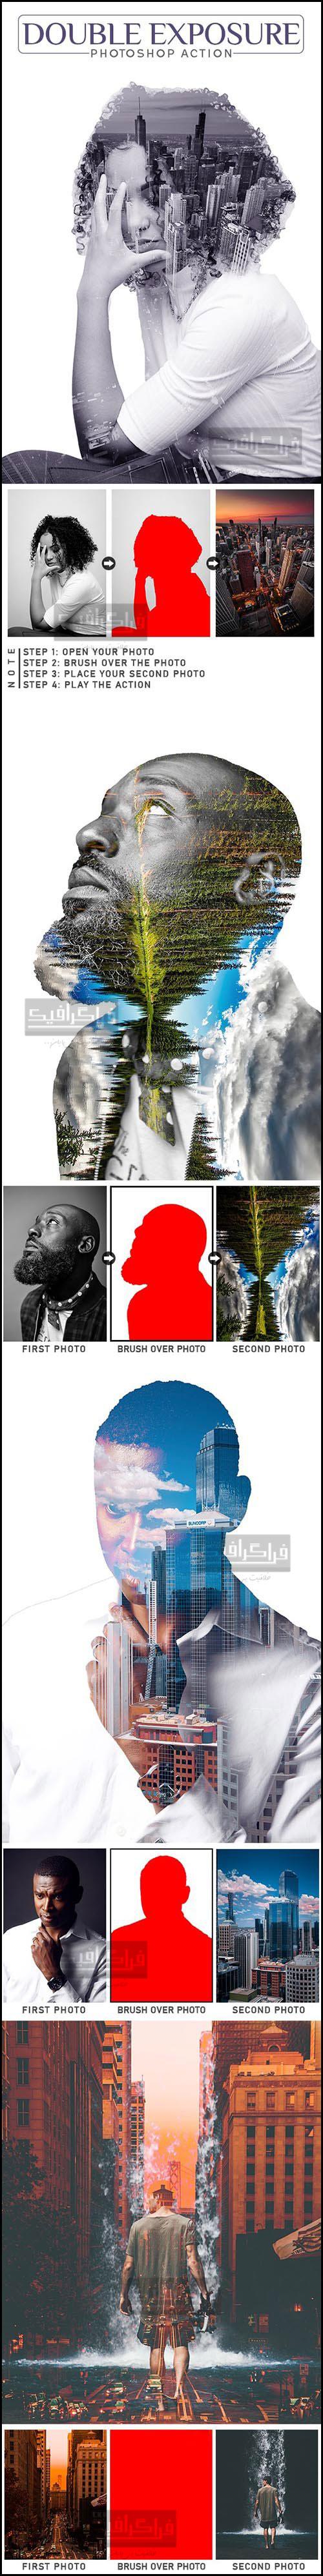 اکشن فتوشاپ ساخت افکت Double Exposure - شماره 5